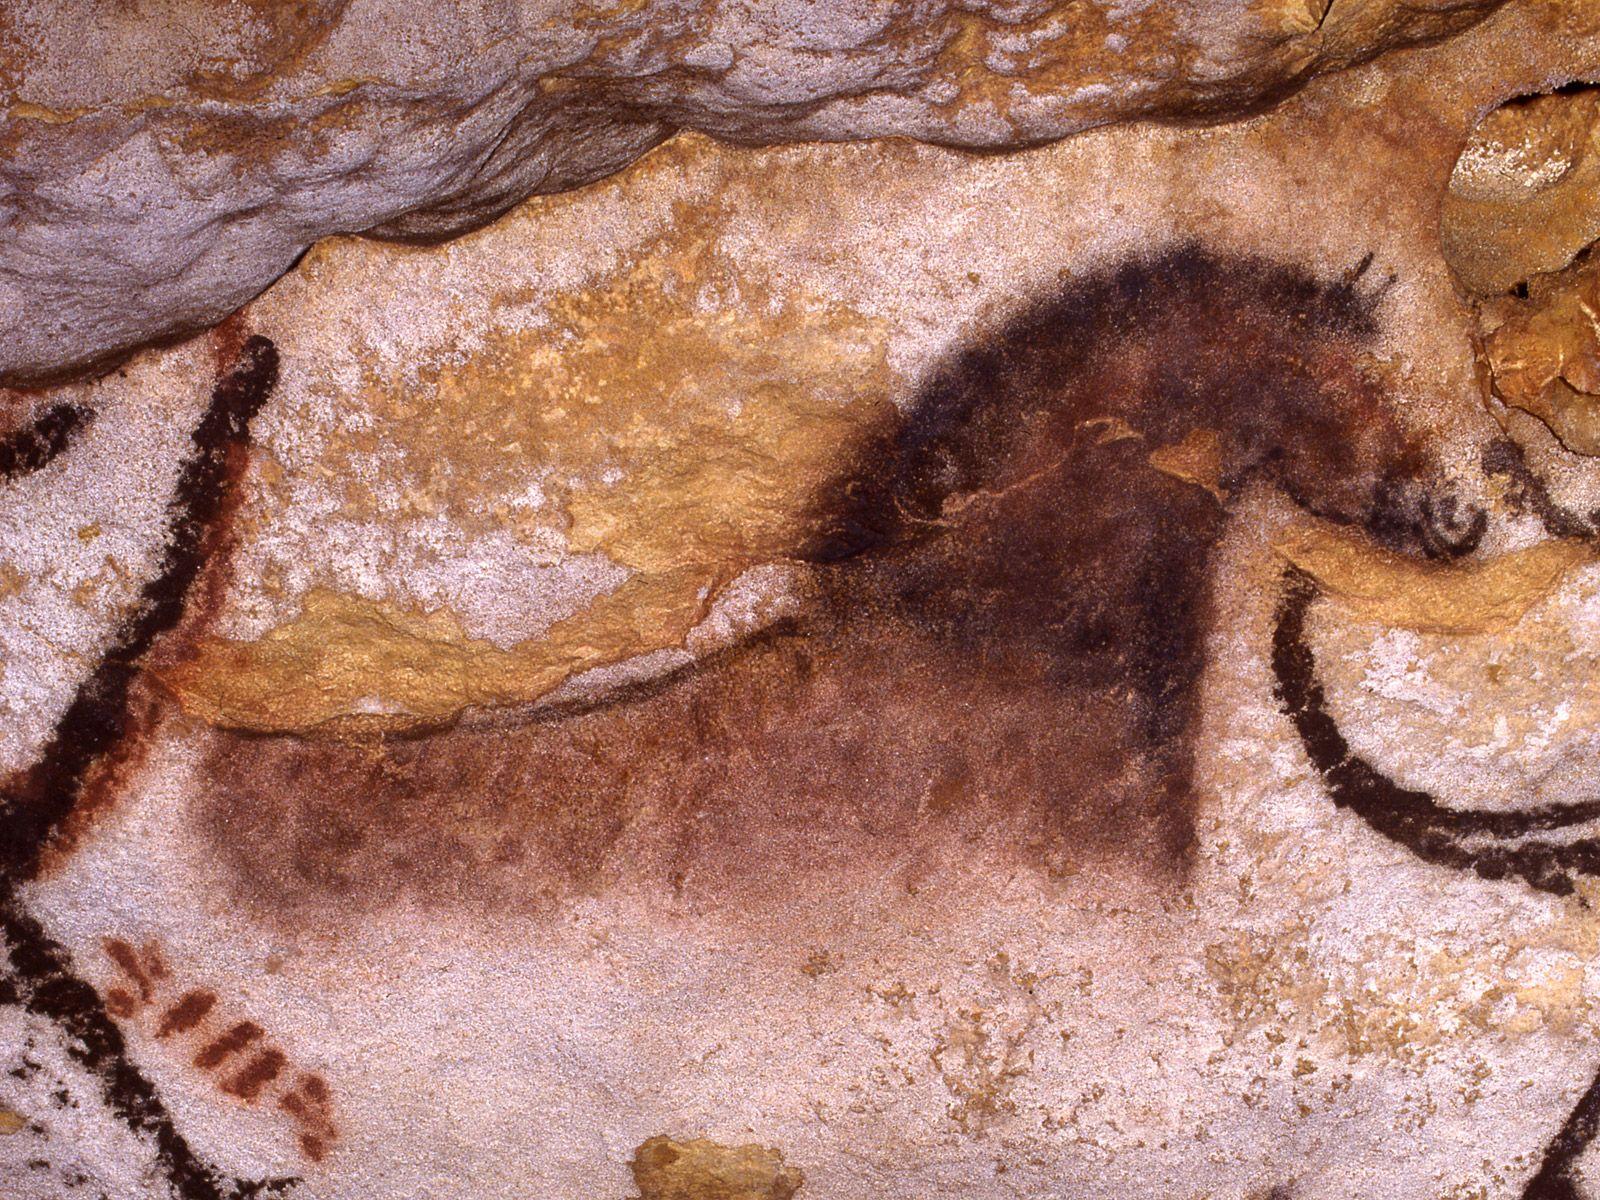 Peintures pariétales de Lascaux - Lascaux cave paintings   Lascaux, Grotte de lascaux, Peinture ...